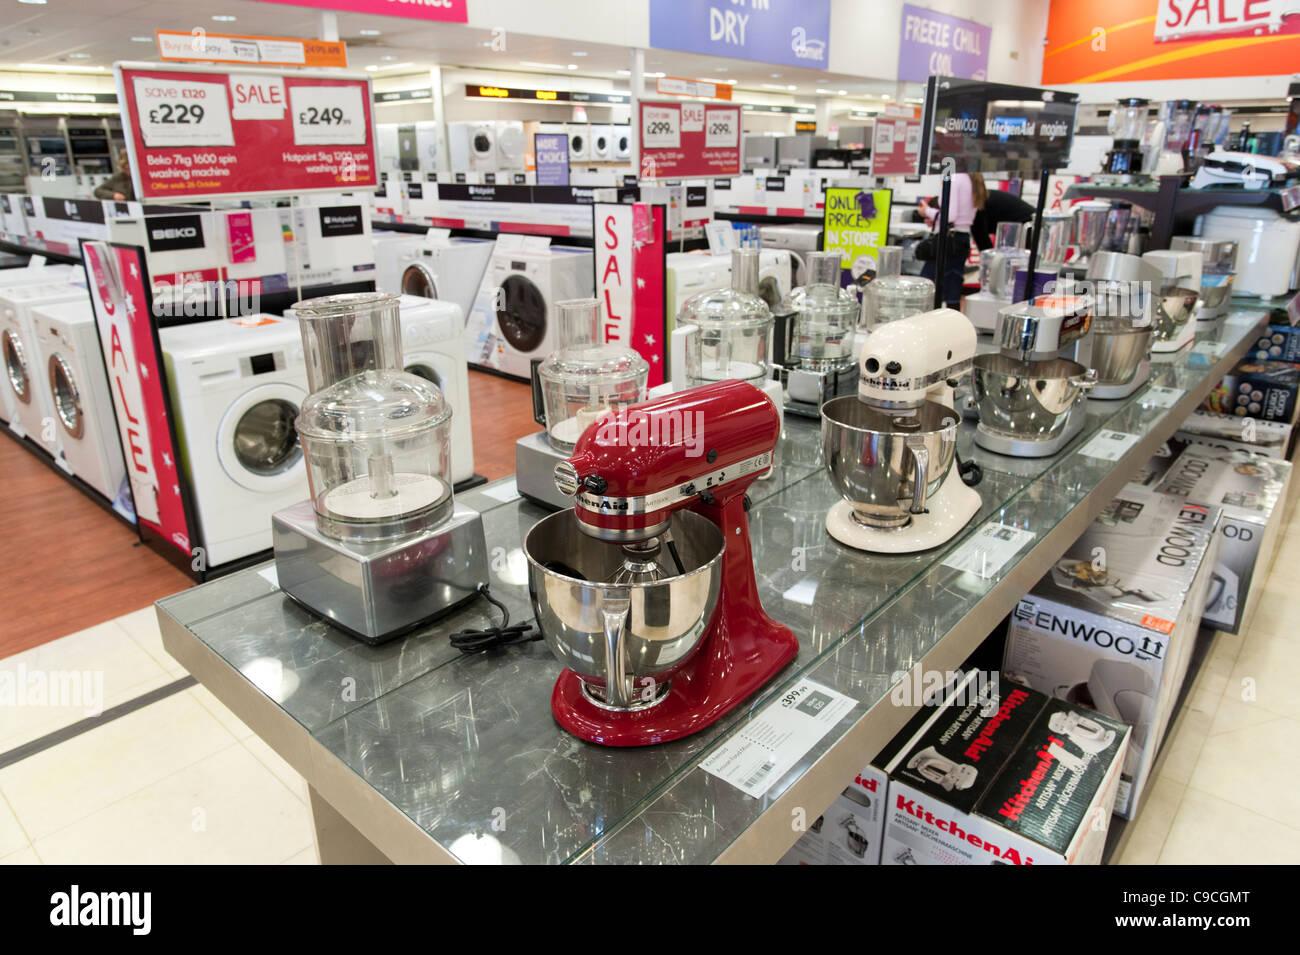 Comet Store Shop Uk Stockfotos & Comet Store Shop Uk Bilder - Alamy